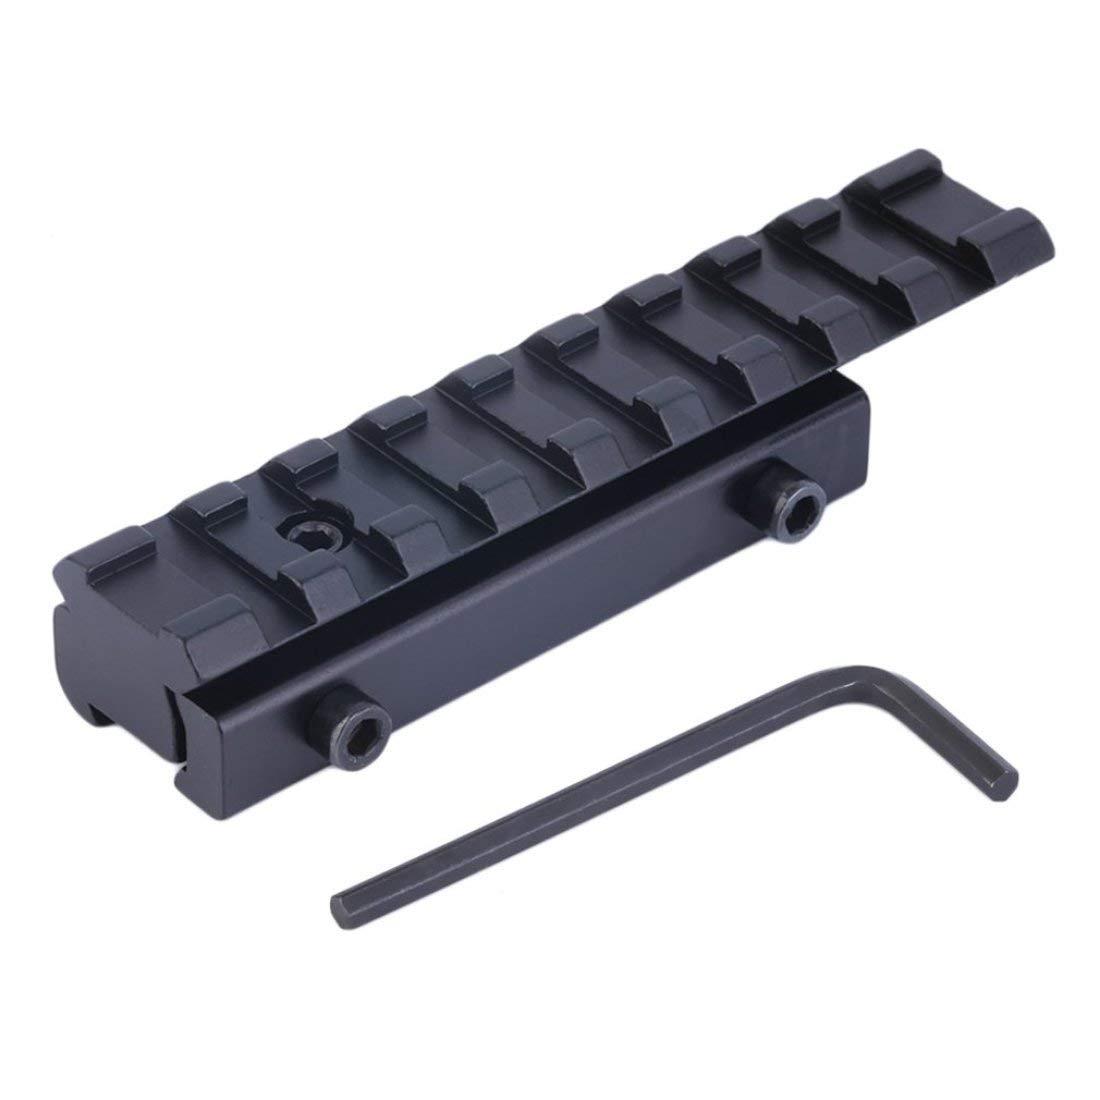 Formulaone 1 Set 11 mm a 20 mm Dovetail Weaver Picatinny Adaptador de Montaje en riel Adaptador Alcance Base enví o Gratis